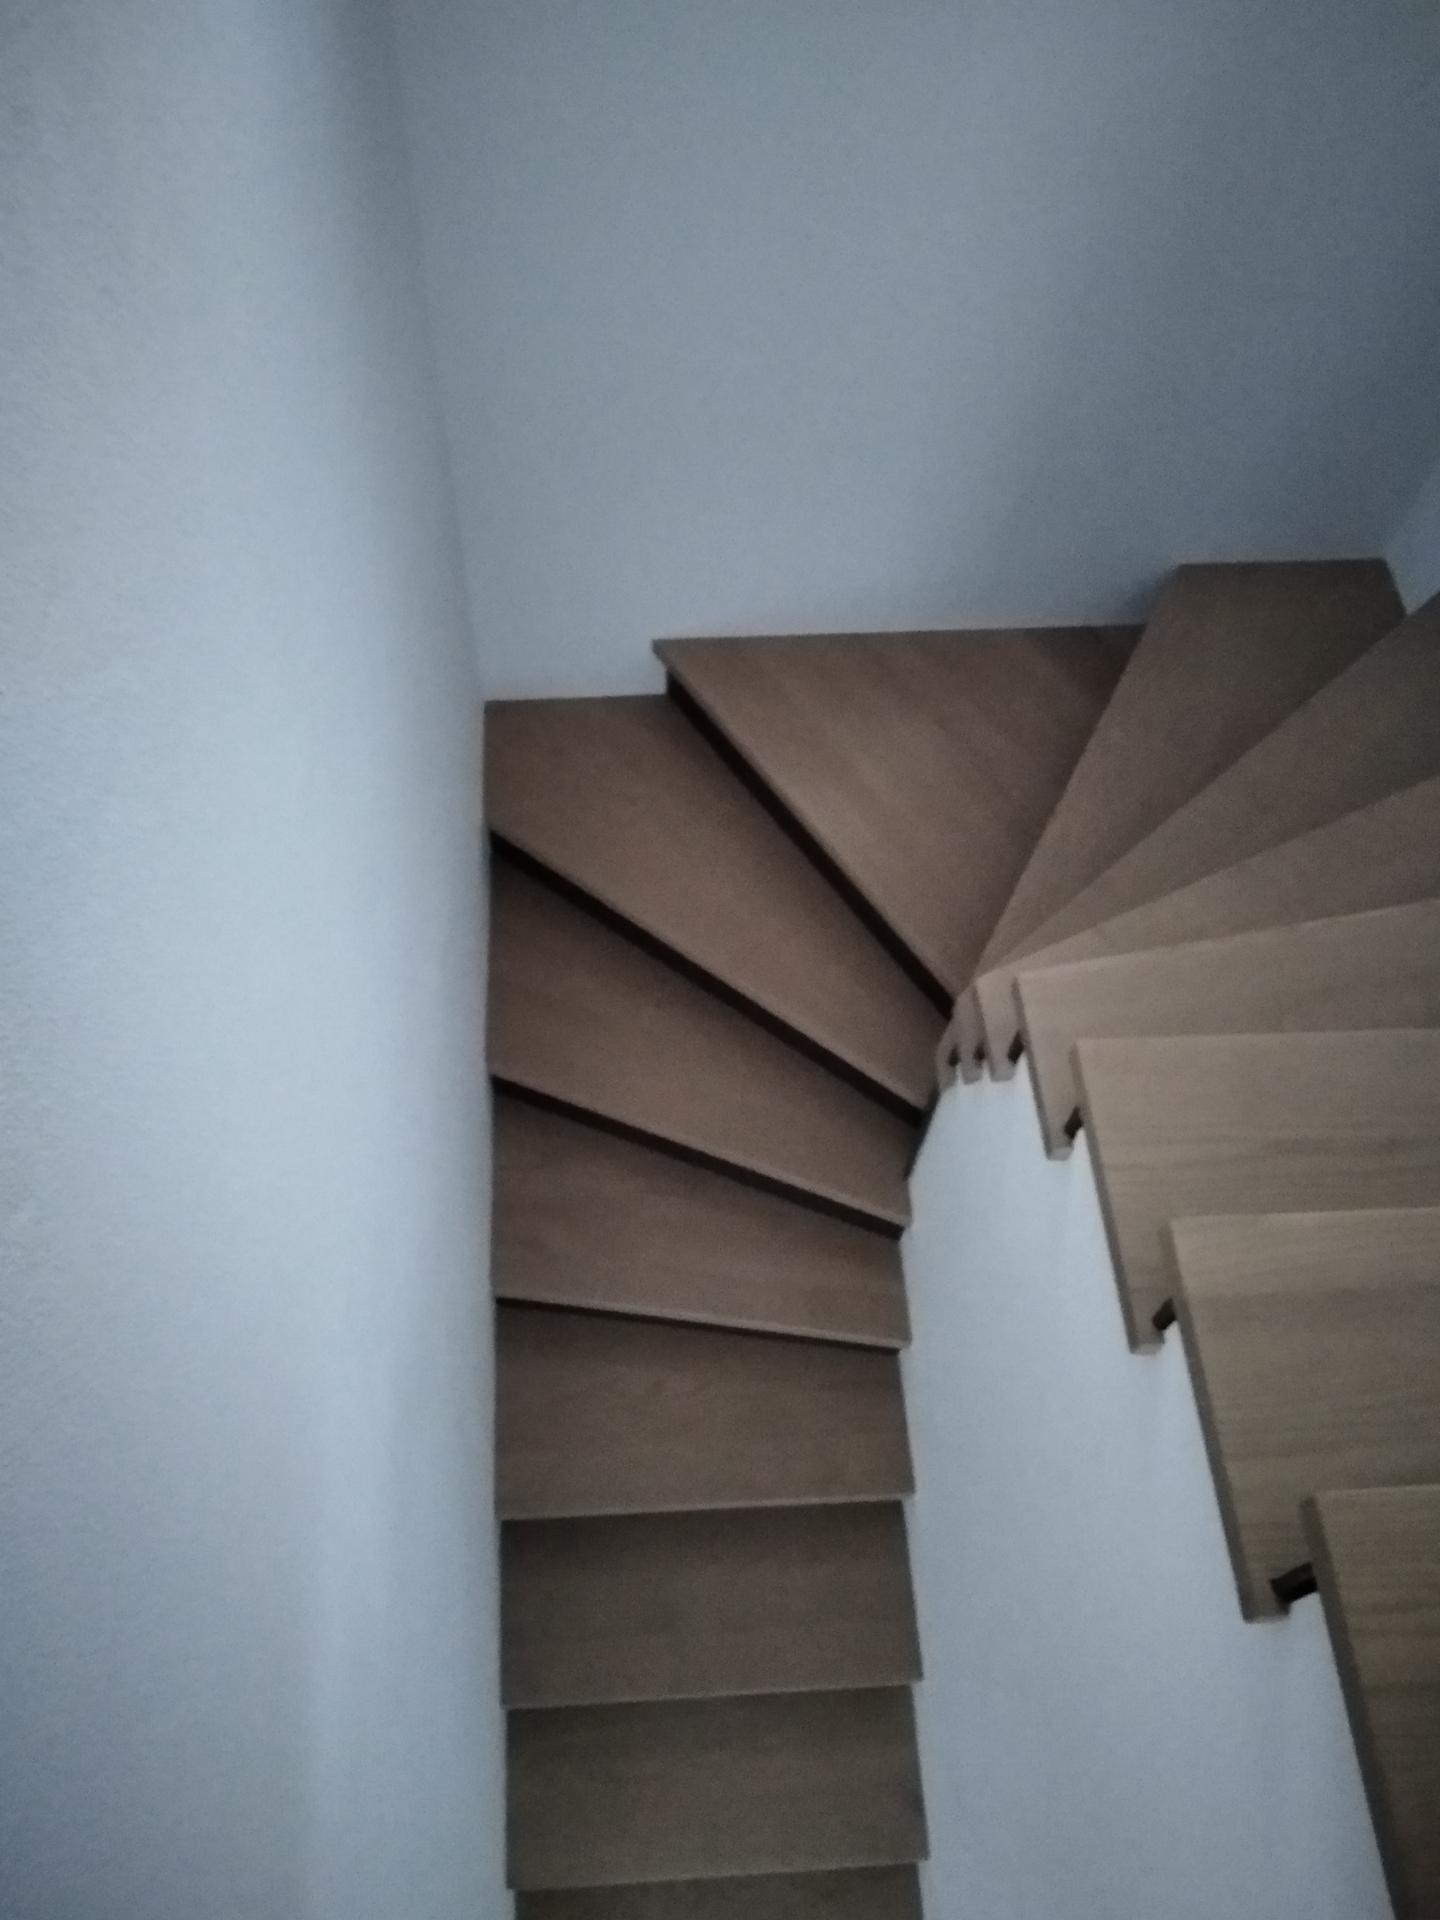 Výroba drevených schodov, pozri môj profil - Obrázok č. 2